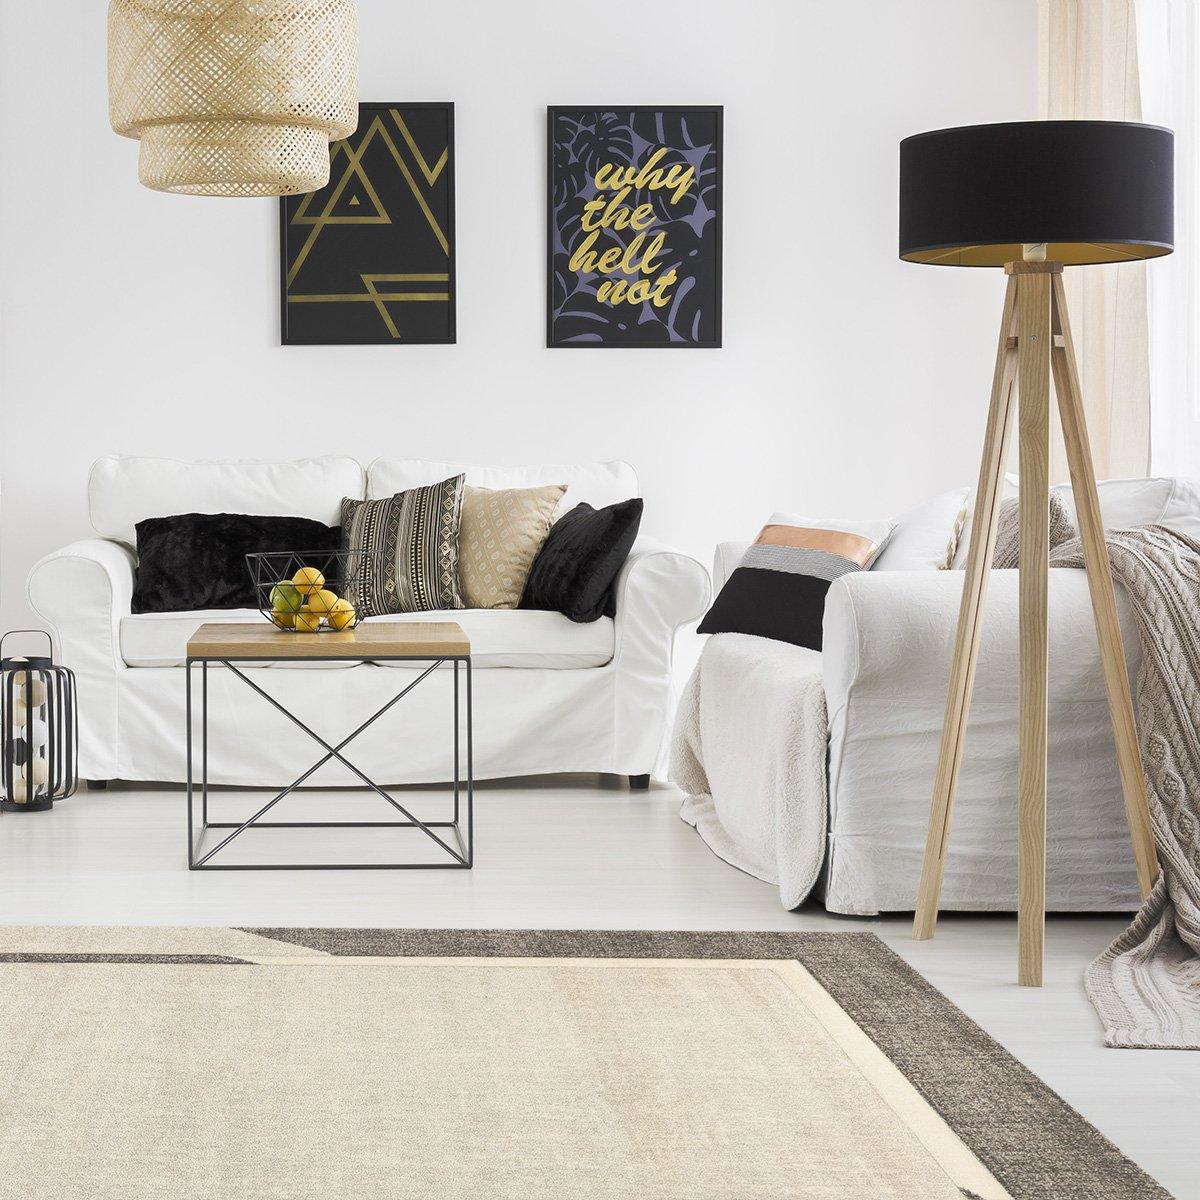 Havatex Moderner Teppich Style Style Style Frame - Grau oder Beige meliert mit Bordüre   strapazierfähig pflegeleicht   Öko-Tex Siegel, Farbe Grau, Größe 200 x 290 cm B07FM67636 Teppiche 4b9cb5